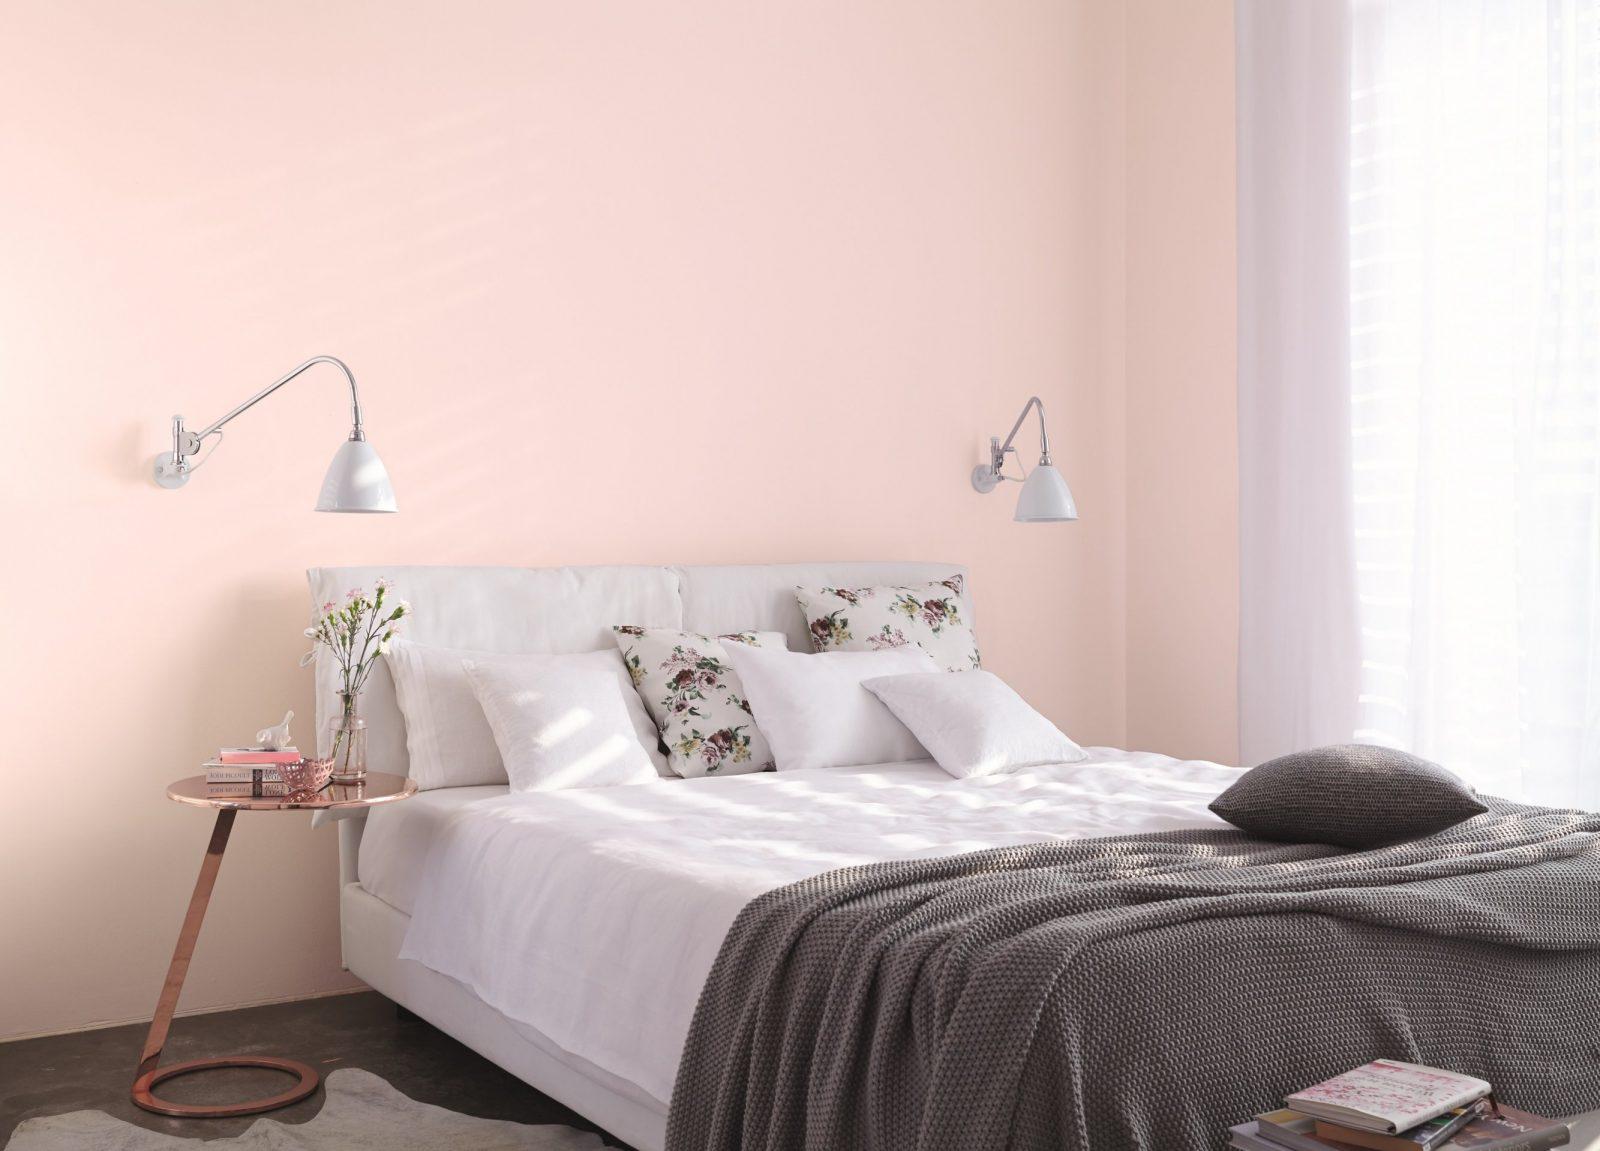 Ideen Für Die Gestaltung Vom Schlafzimmer Alpina Farbe  Einrichten von Beruhigende Bilder Fürs Schlafzimmer Photo